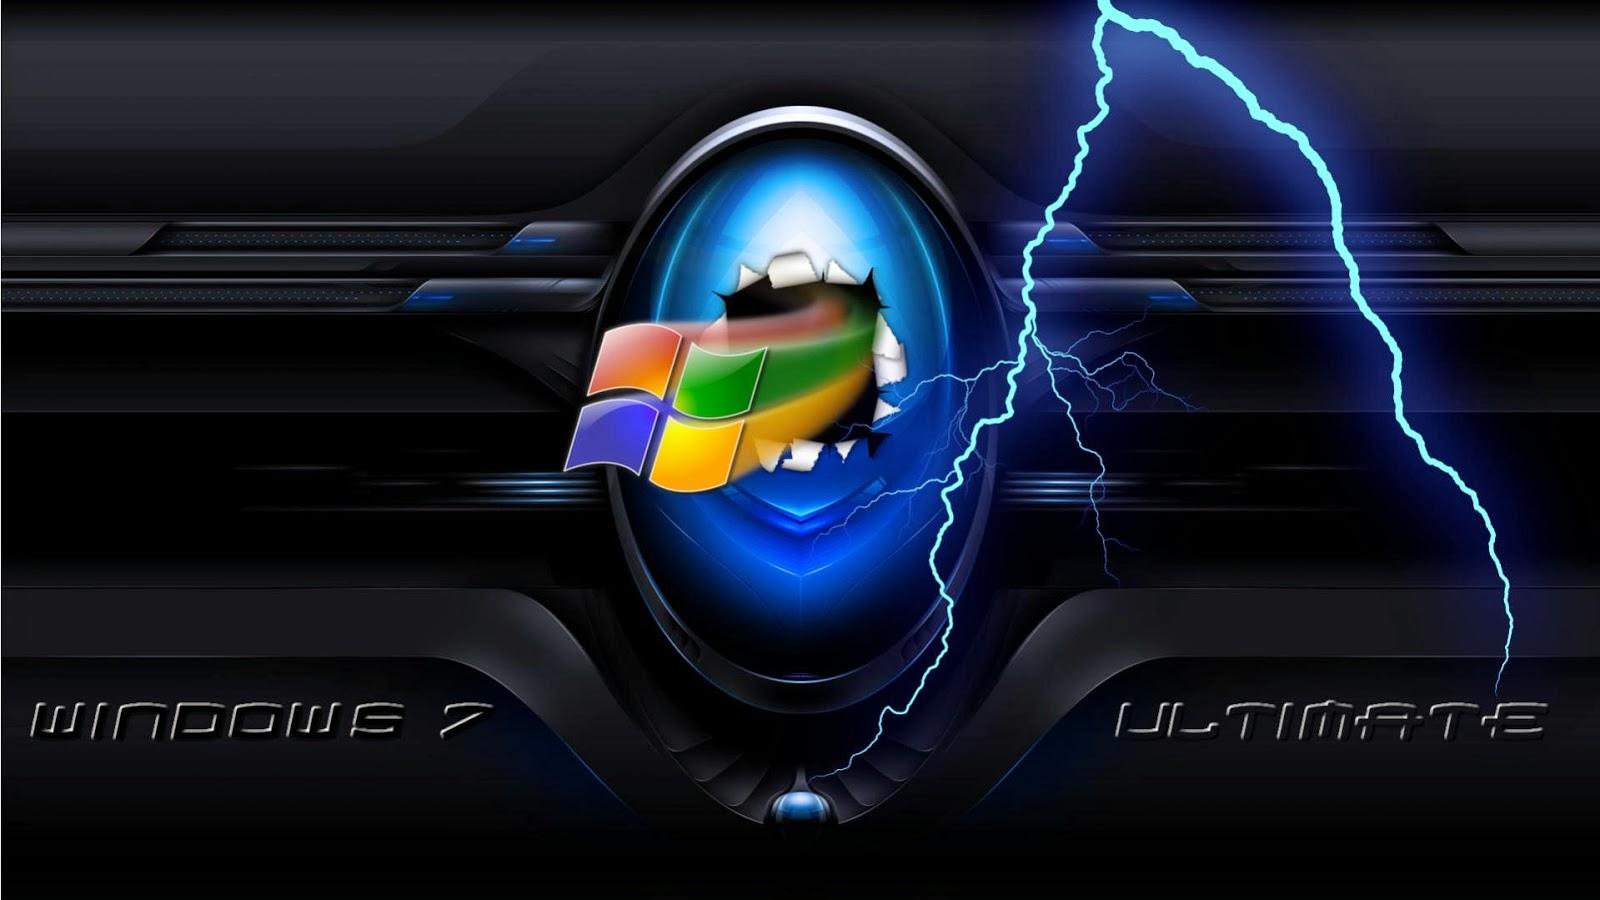 Fondo de pantalla windows 7 ultimate rayo azul - Fondos de escritorio para windows 7 gratis ...